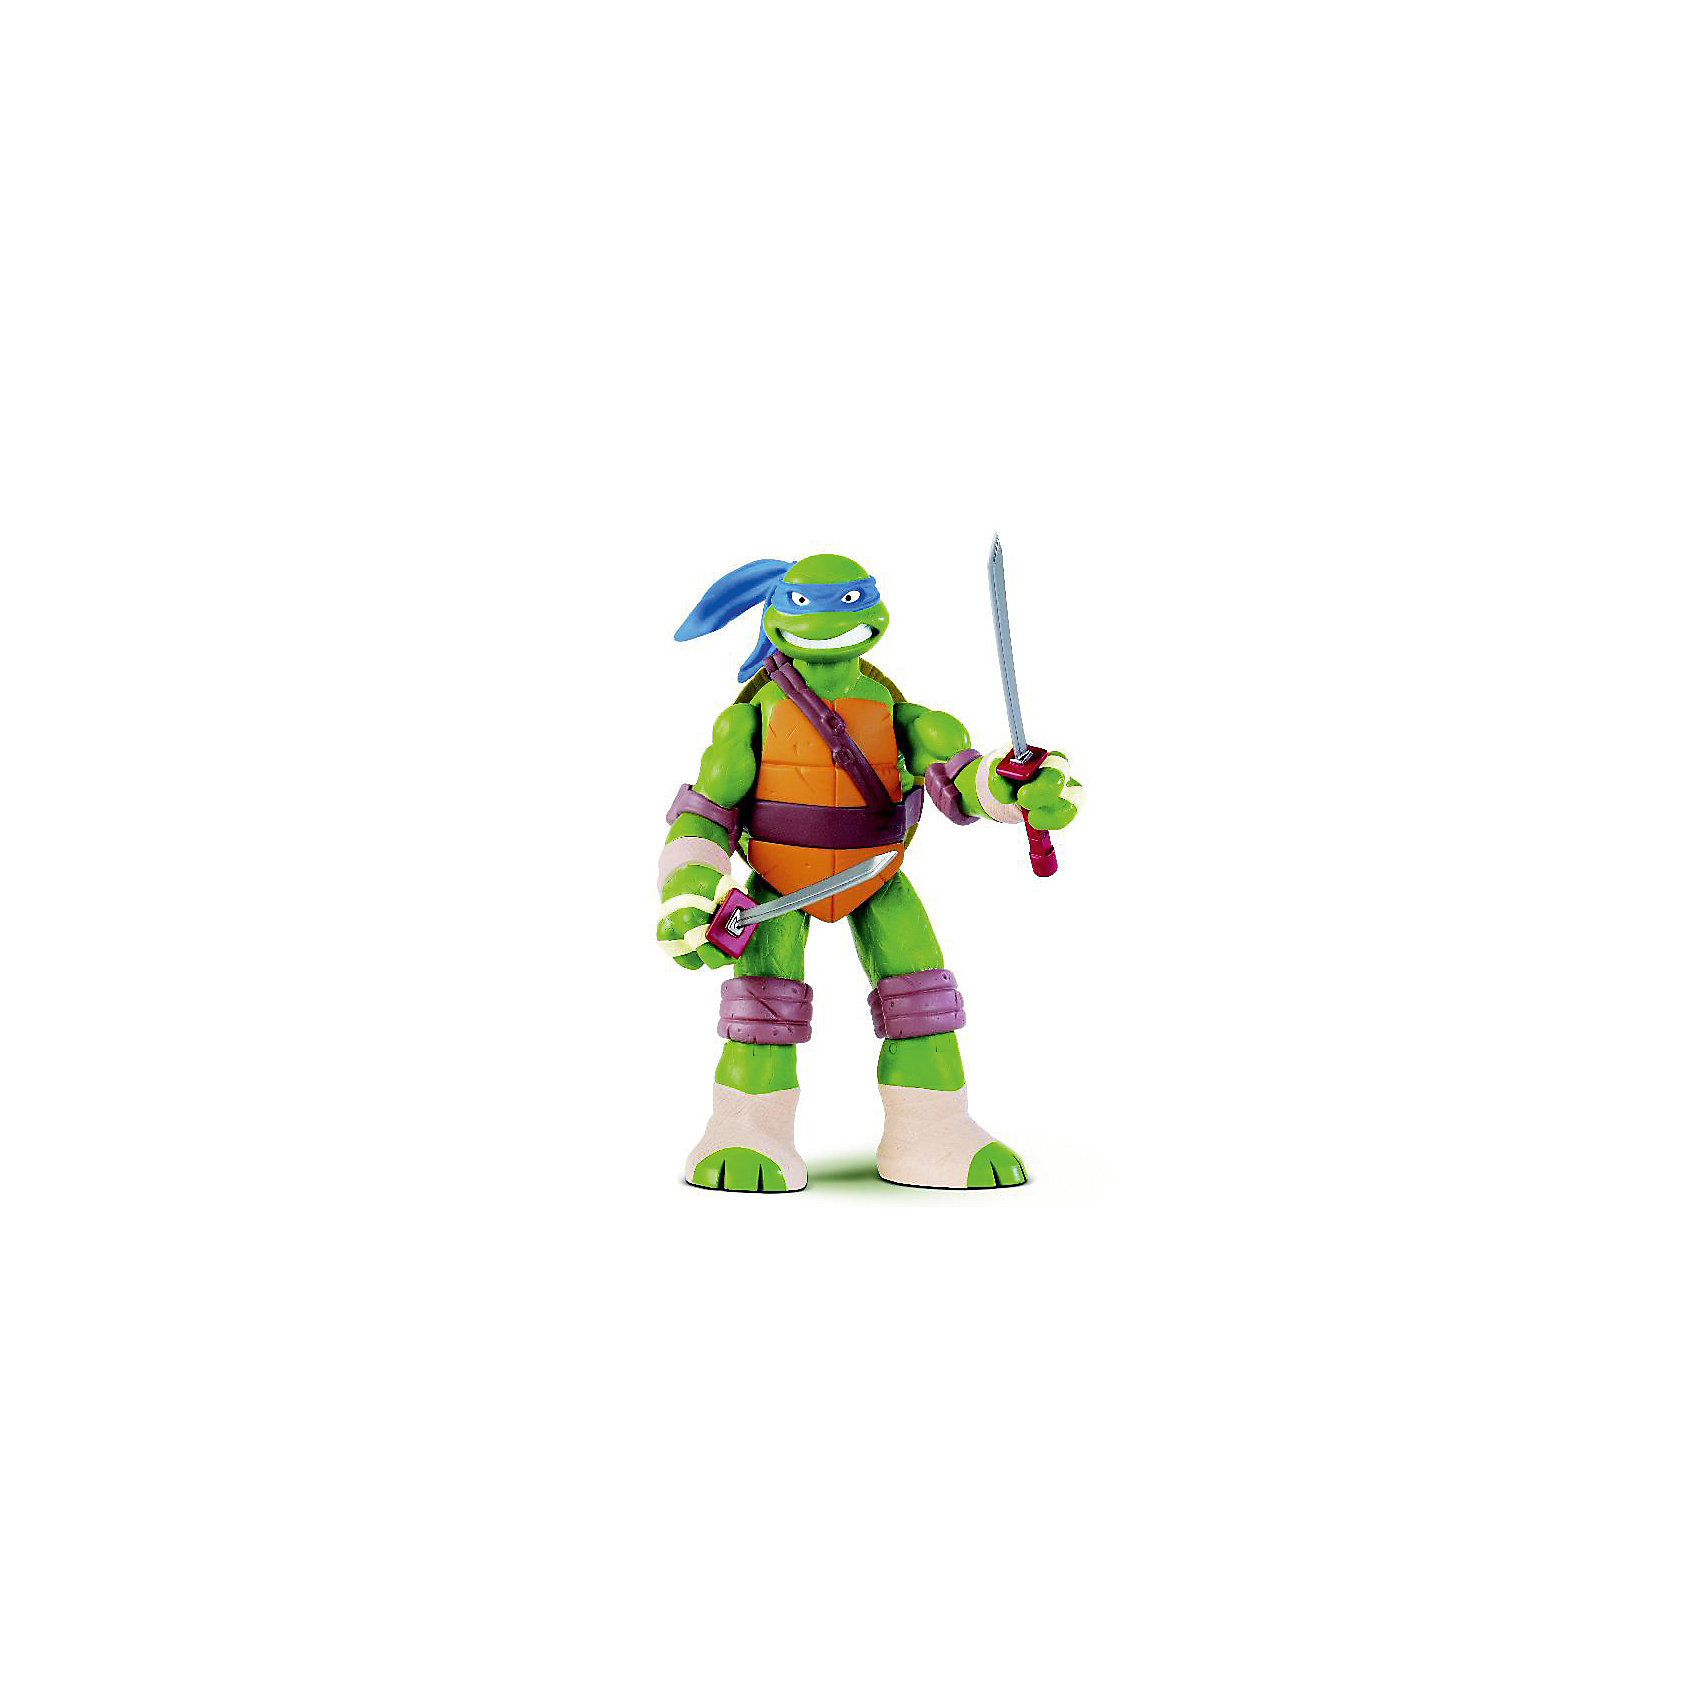 Фигурка Леонардо, 28 см, Черепашки НиндзяФигурки героев<br>Самая большая фигурка серии Черепашки-Ниндзя (Ninja Turtles). <br>У Леонардо открывается панцирь и в него можно складывать оружие и аксессуары. <br>В комплекте по мимо аутентичного оружия есть также дополнительное оружие для каждого героя и метательные звездочки -сюрикены.<br> <br>Размер упаковки: 35*53*27 см<br><br>Ширина мм: 255<br>Глубина мм: 310<br>Высота мм: 125<br>Вес г: 1073<br>Возраст от месяцев: 48<br>Возраст до месяцев: 132<br>Пол: Мужской<br>Возраст: Детский<br>SKU: 3288999